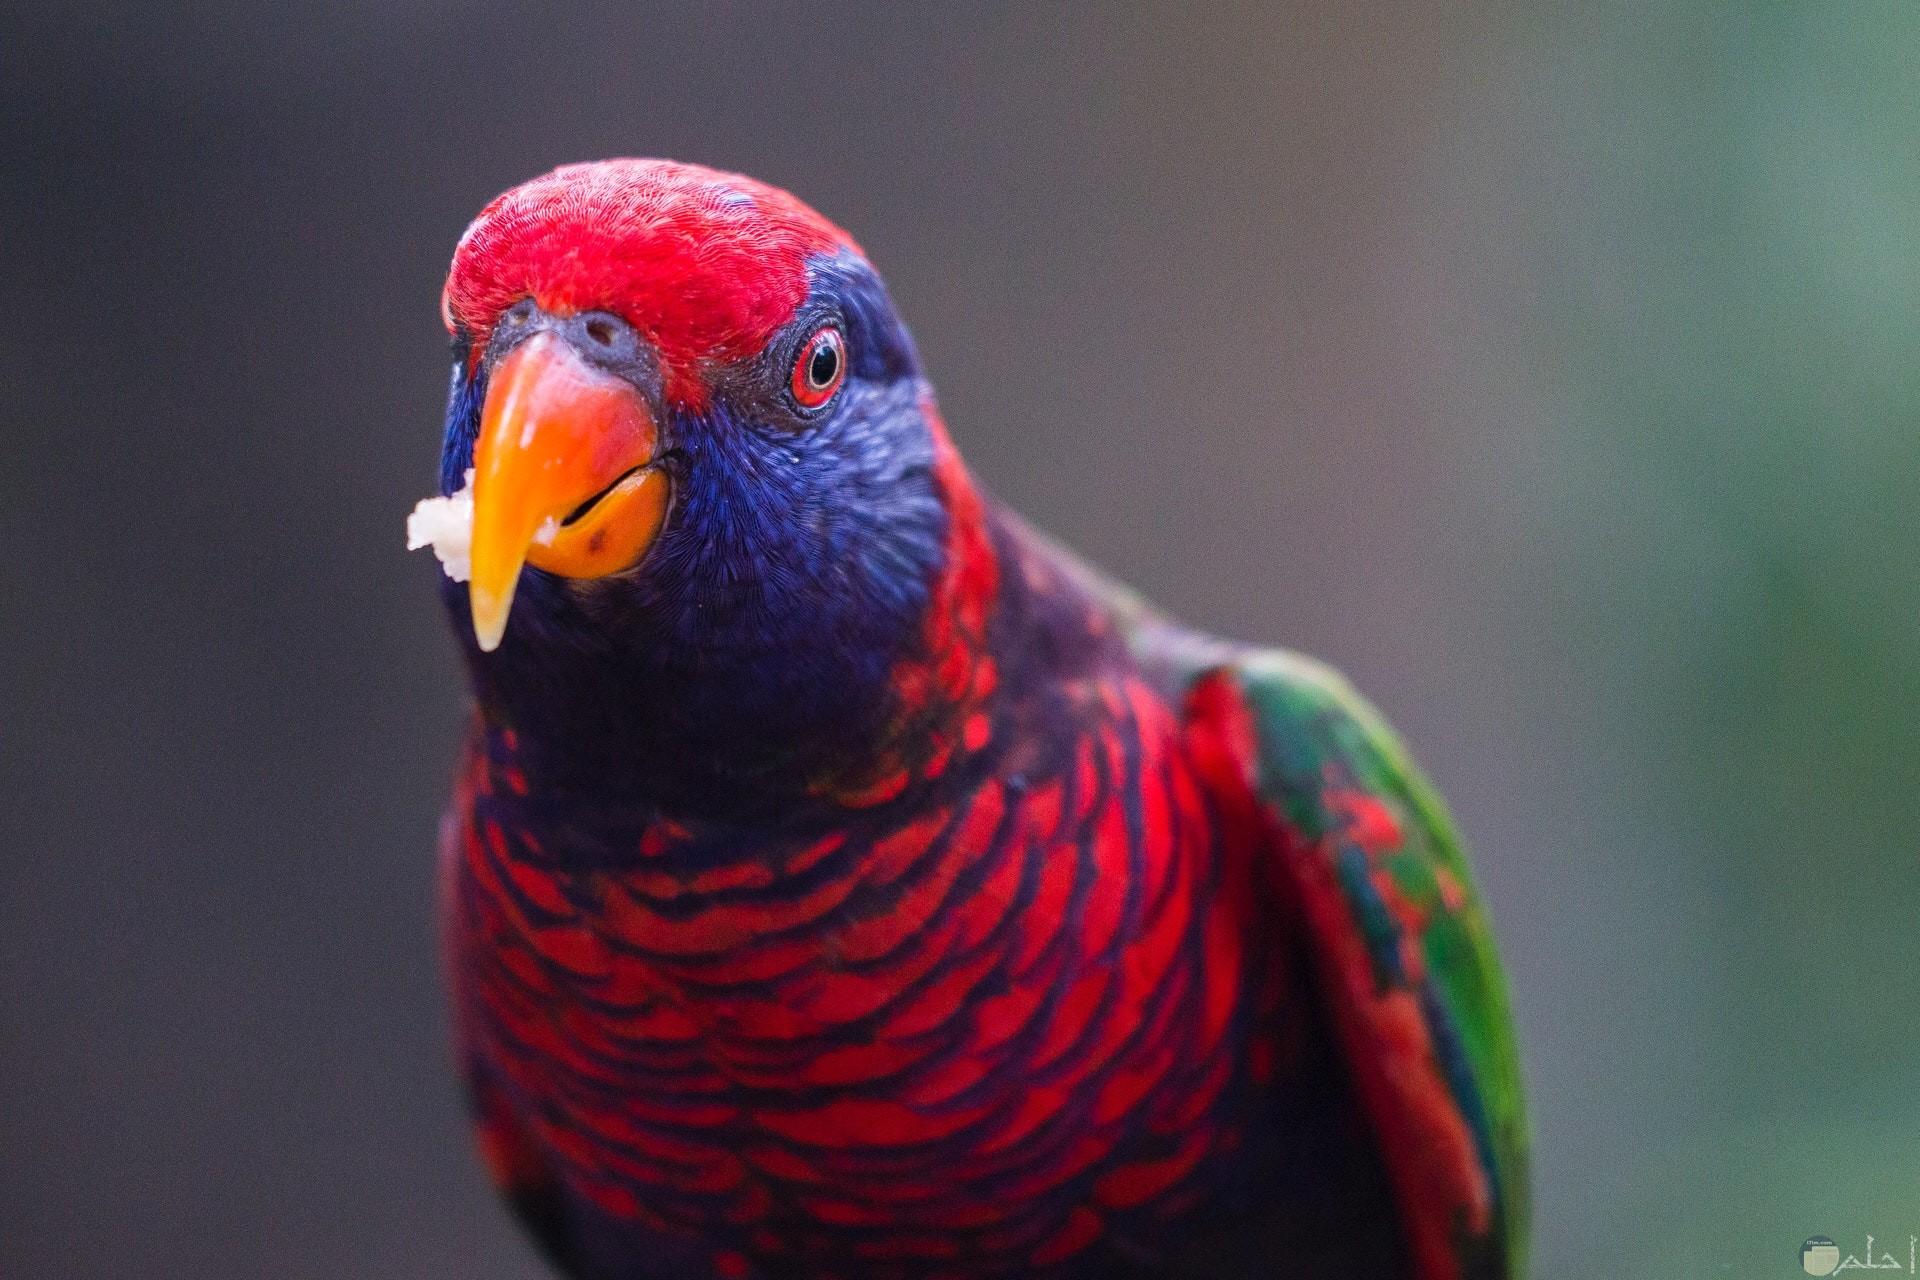 صورة جميلة لطائر ملون باللون الأحمر والبنفسجي والأخضر